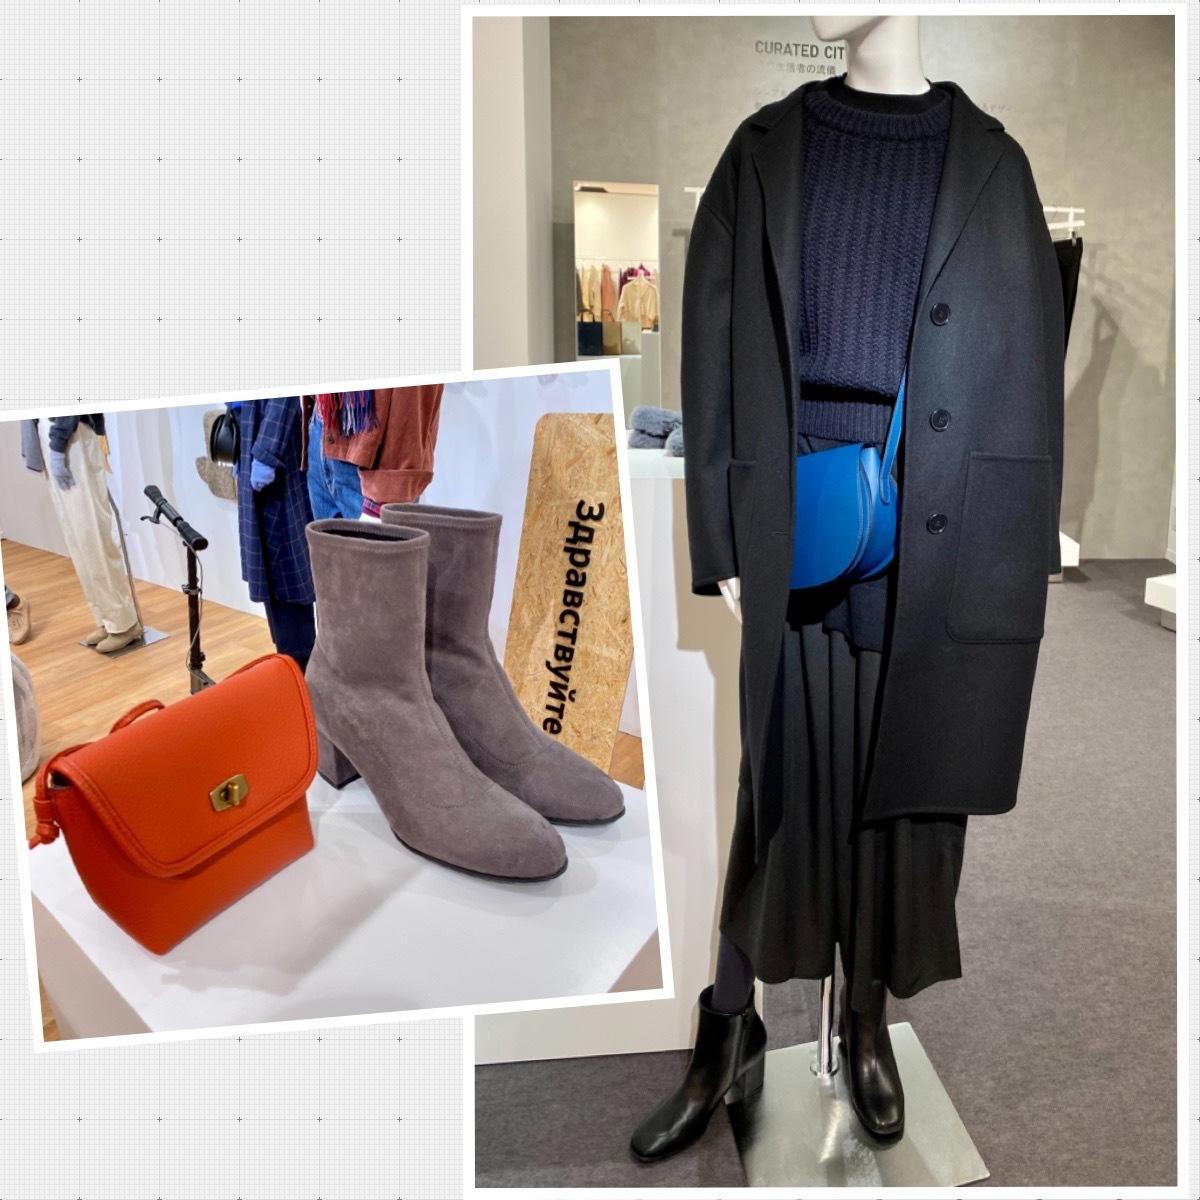 ユニクロ UNIQLO 2021 2022 秋冬 展示会 レポート 新作 おすすめ バッグ 靴 シューズ 使いやすい 履きやすい